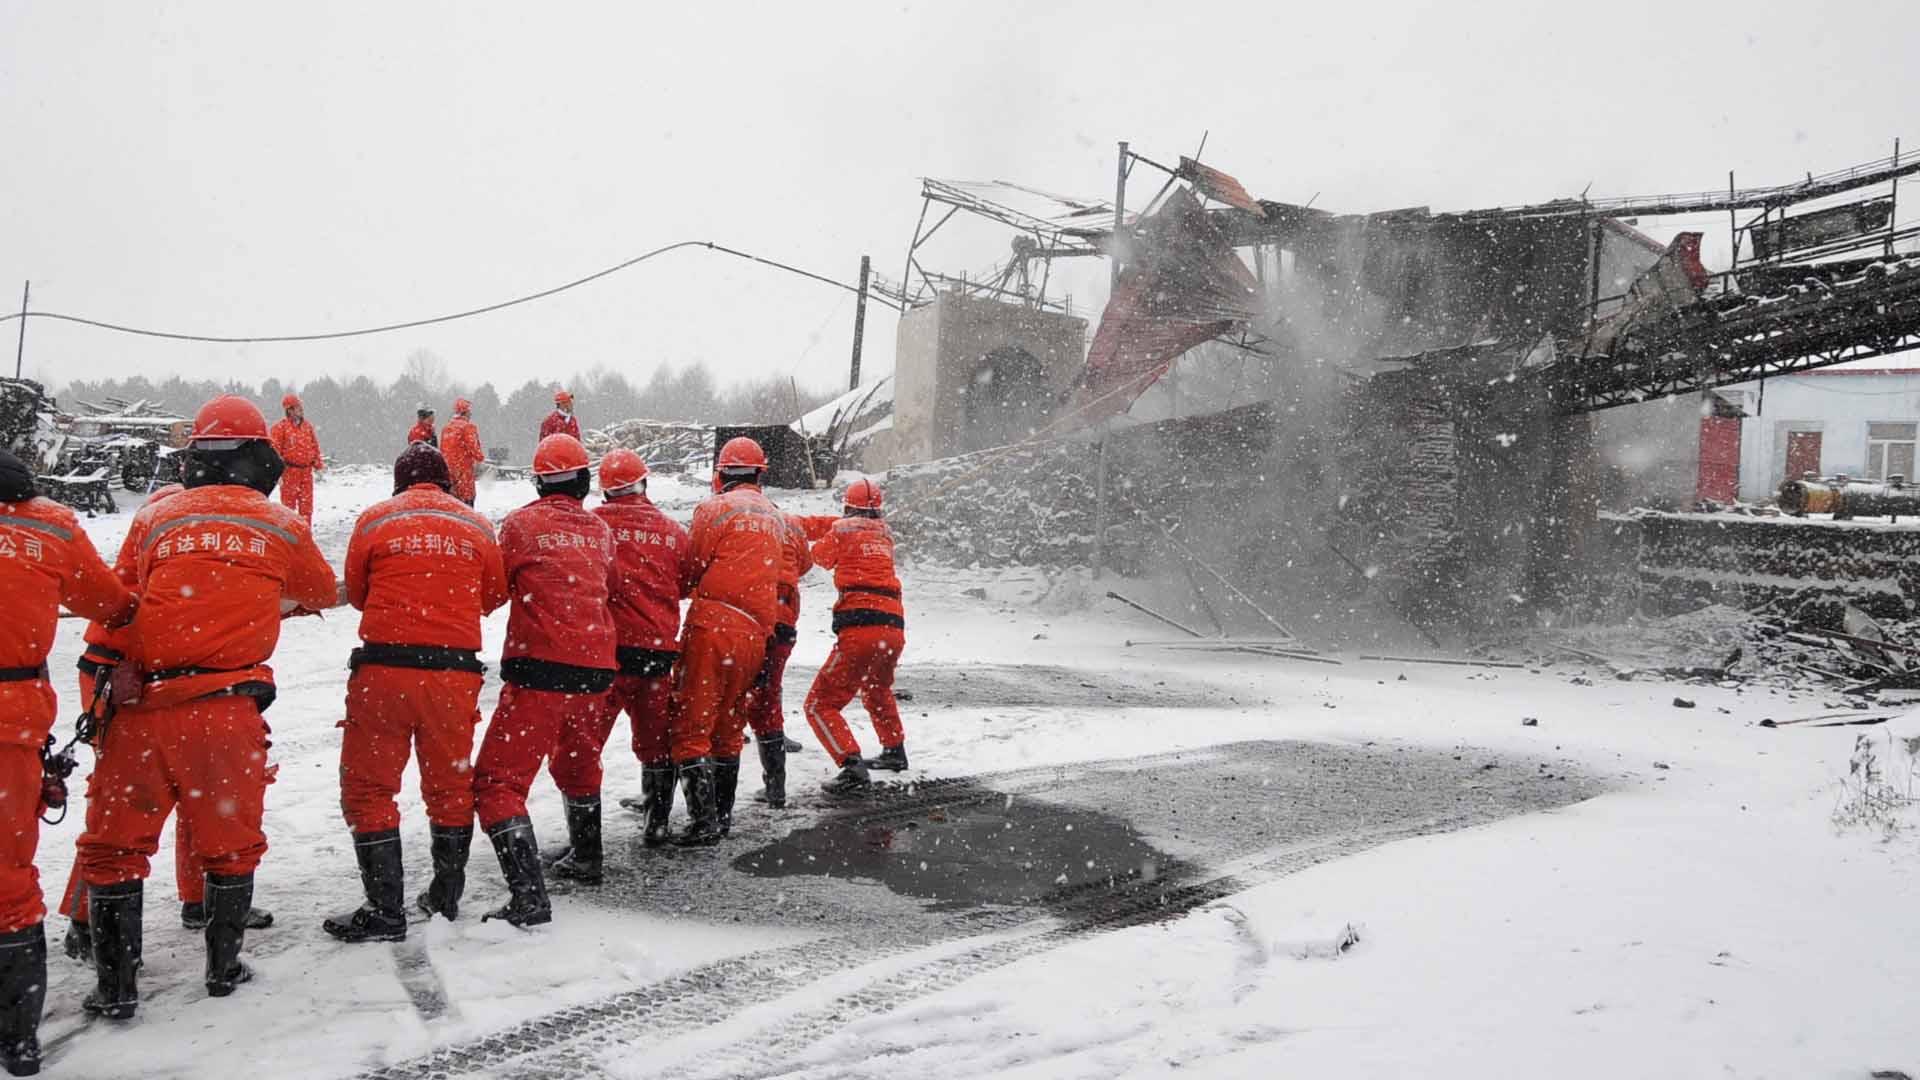 Este es el segundo accidente en esta semana, el hecho anterior fue un incendio en el cual murieron 21 trabajadores